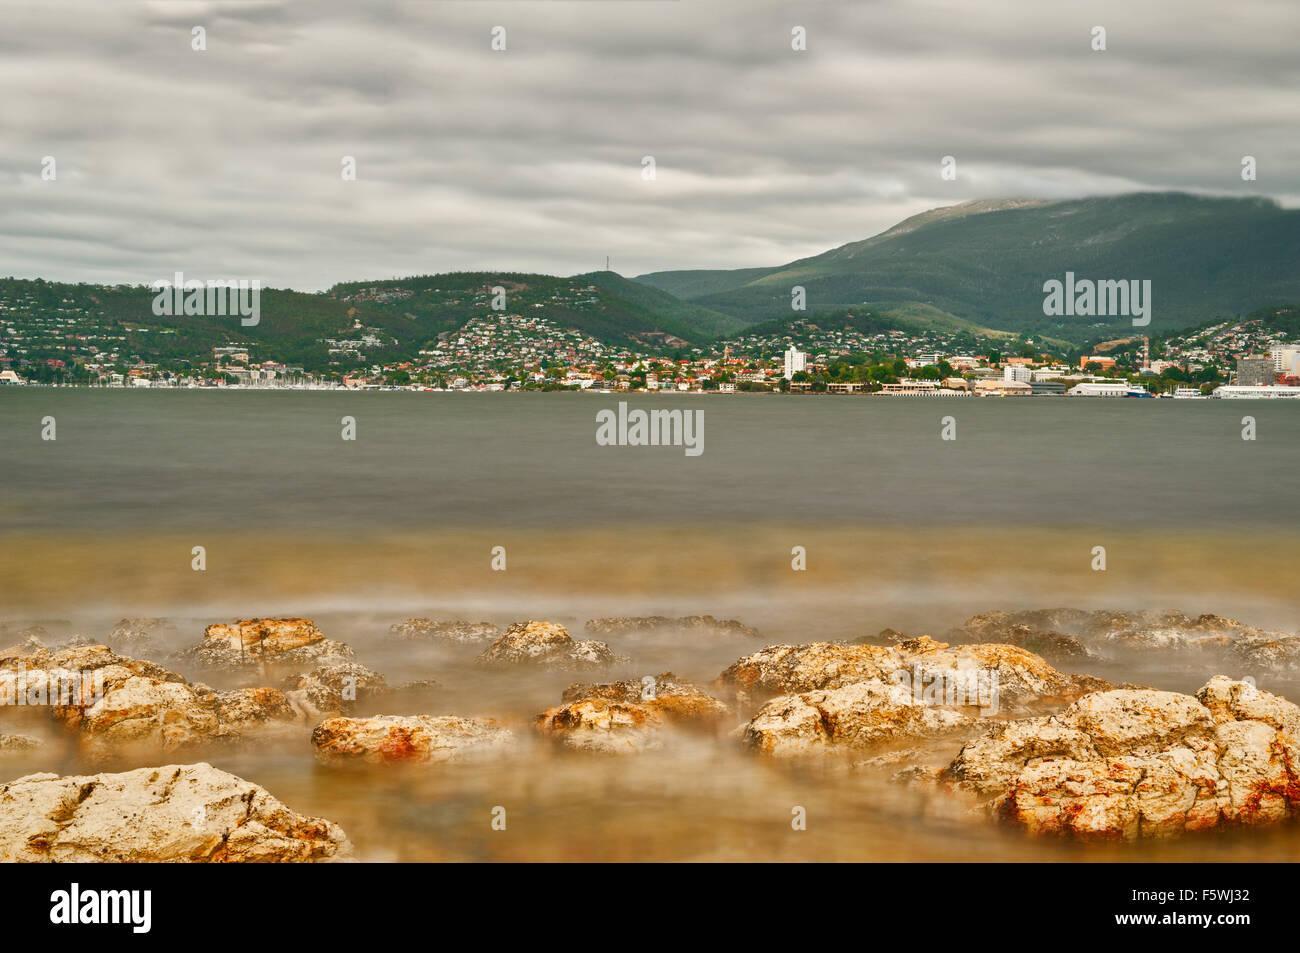 Hobart at Derwent River. - Stock Image